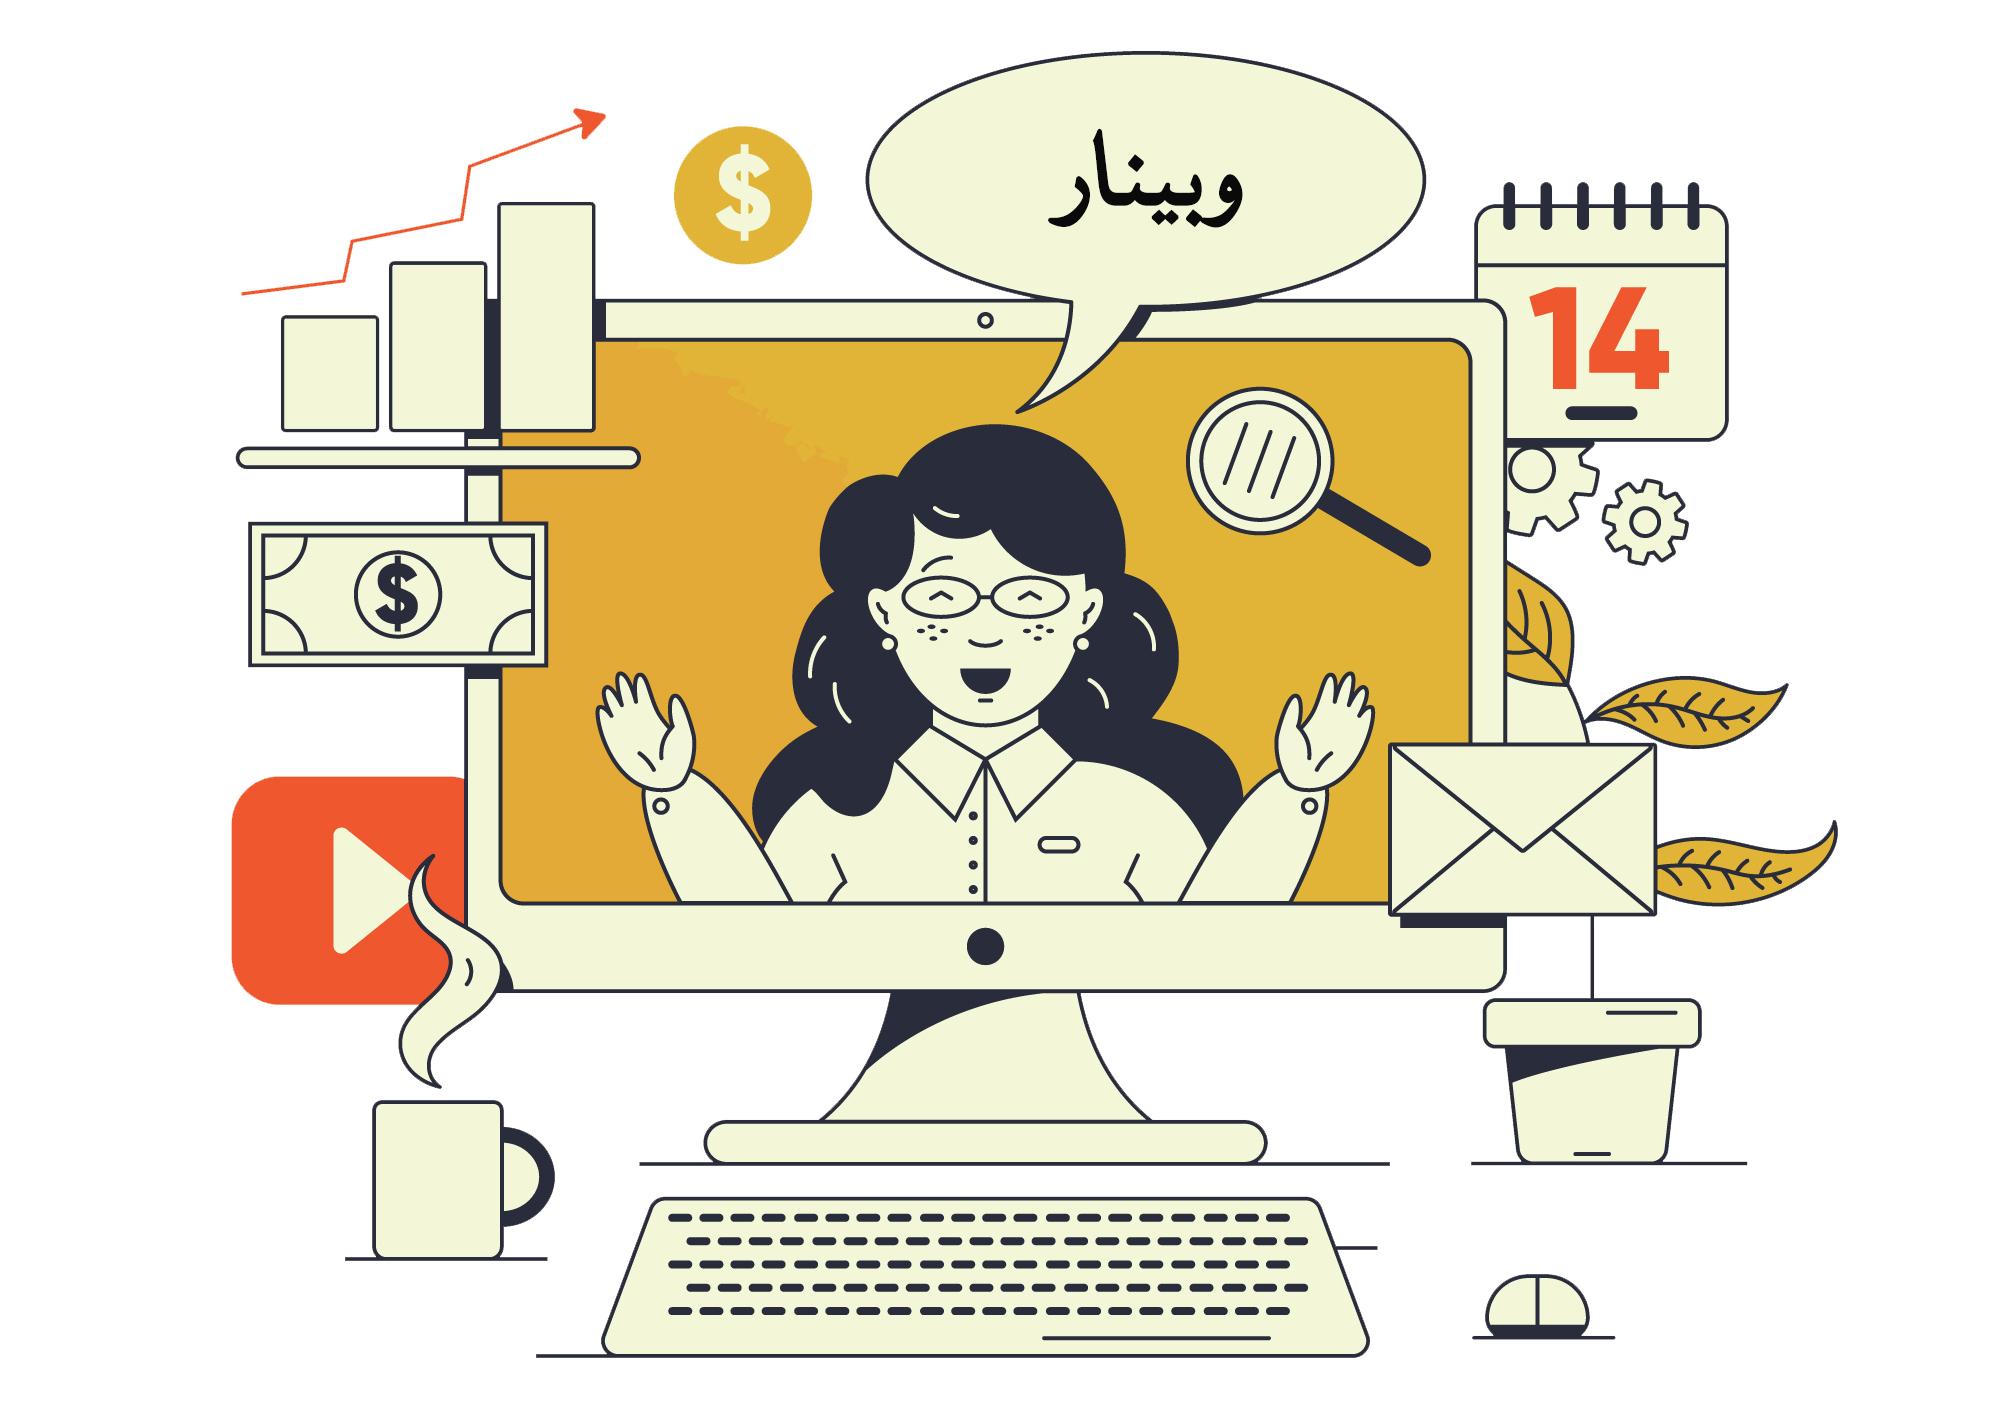 ارائه خدمات آنلاین